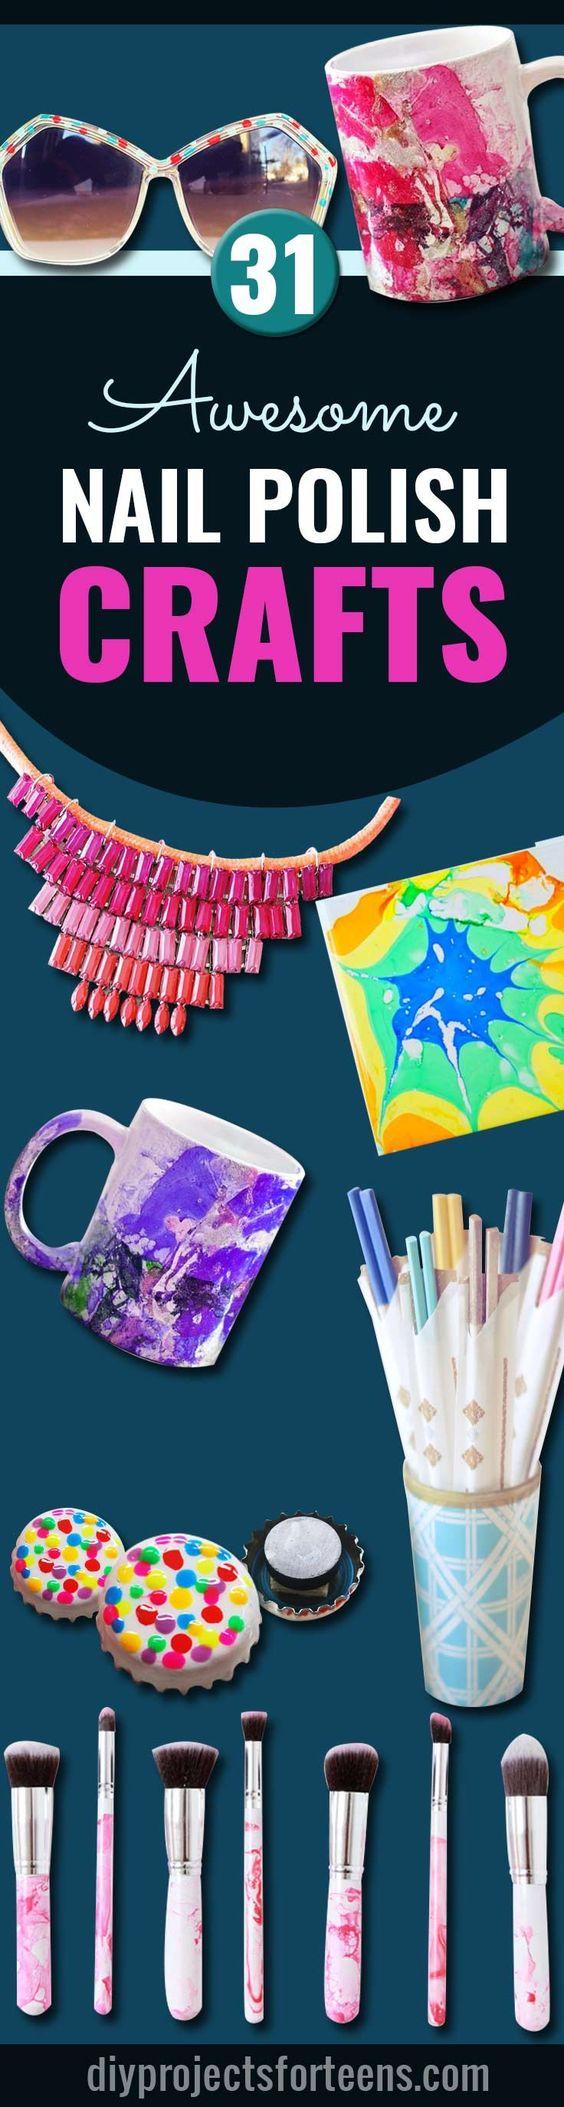 31 incredibly cool diy crafts using nail polish diy and for Crafts using nail polish